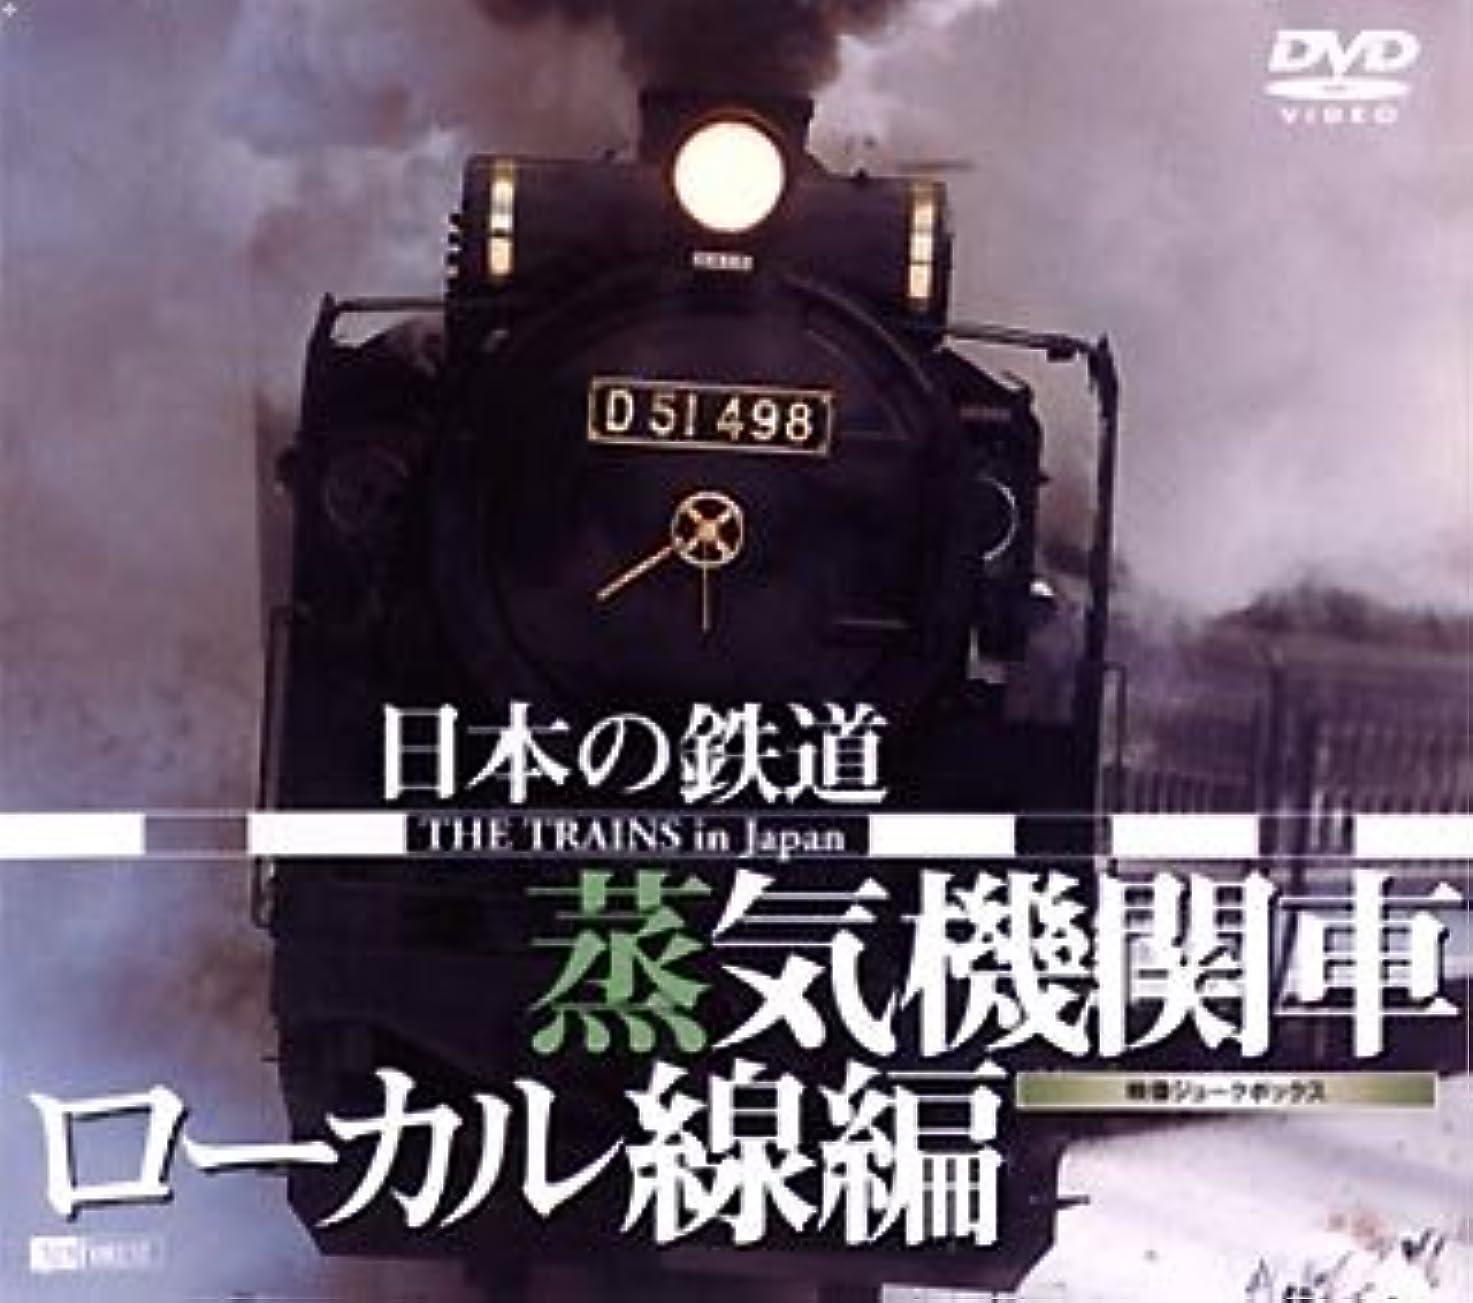 ペン観光に行く通り抜けるシンフォレストDVD 日本の鉄道 蒸気機関車?ローカル線編